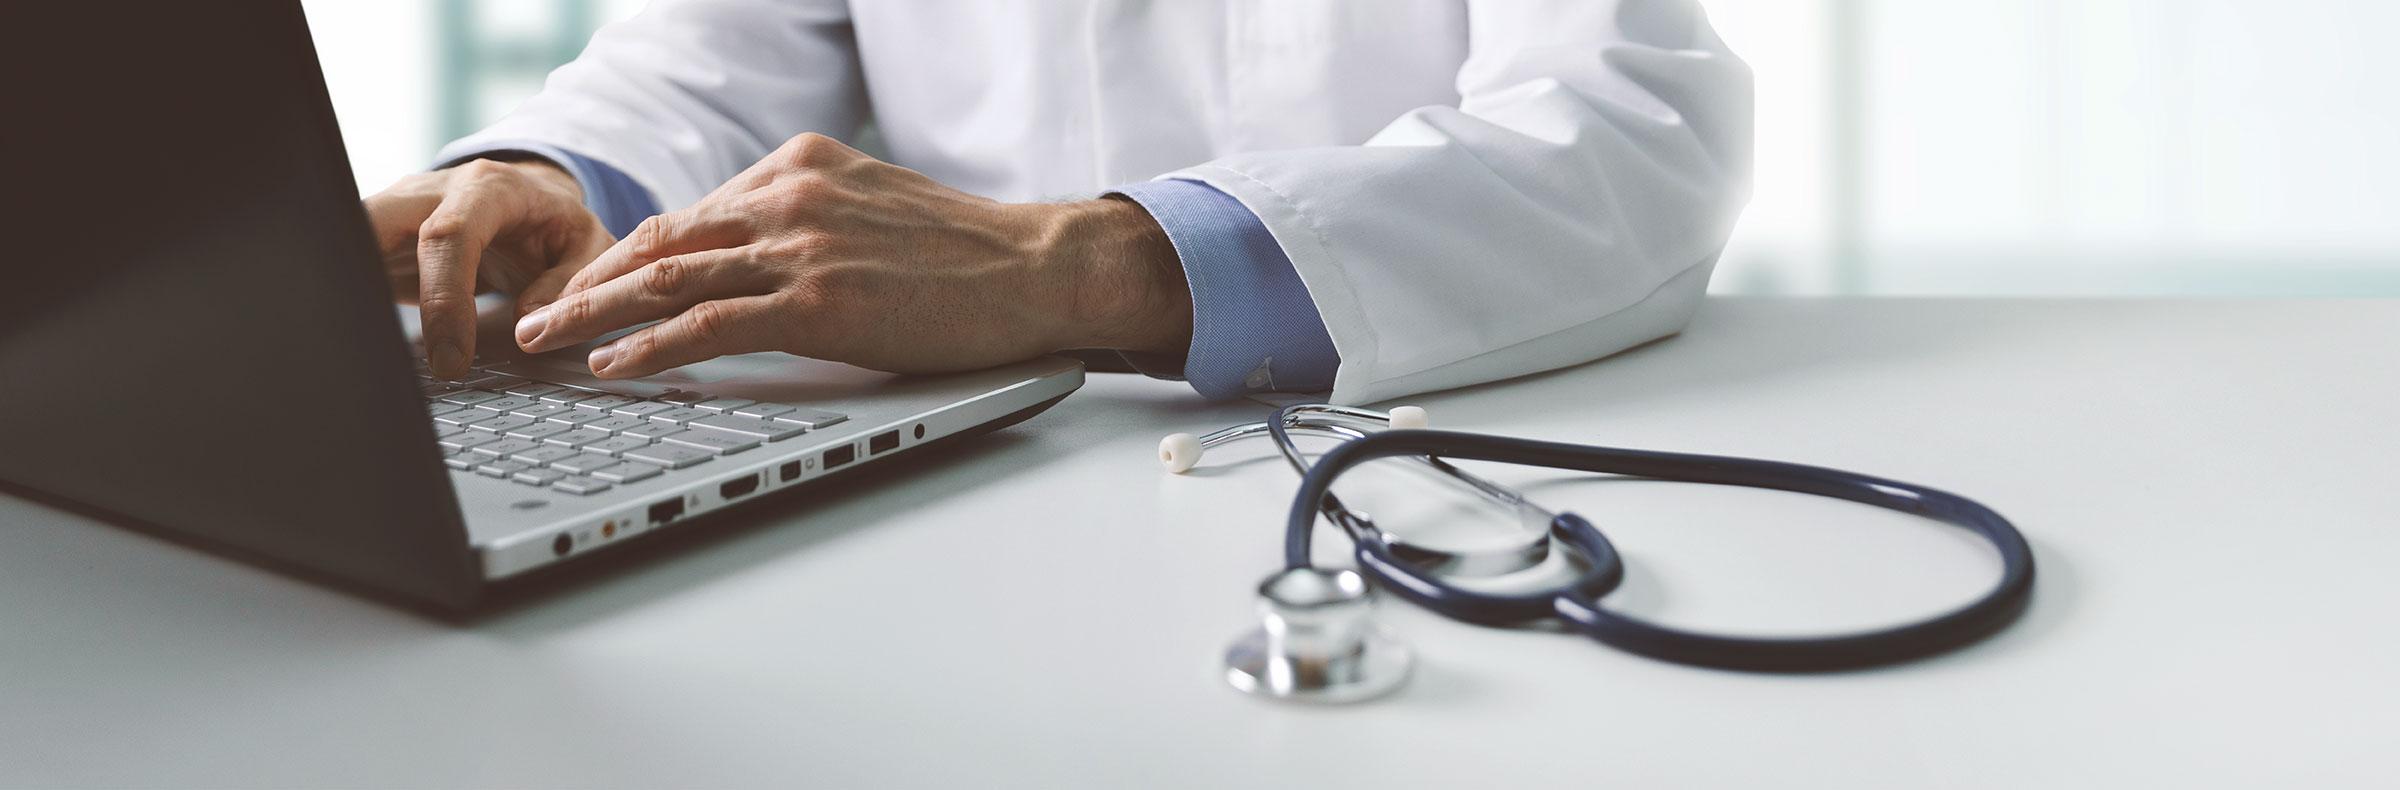 AF Pharmacist – Shared Decision Making